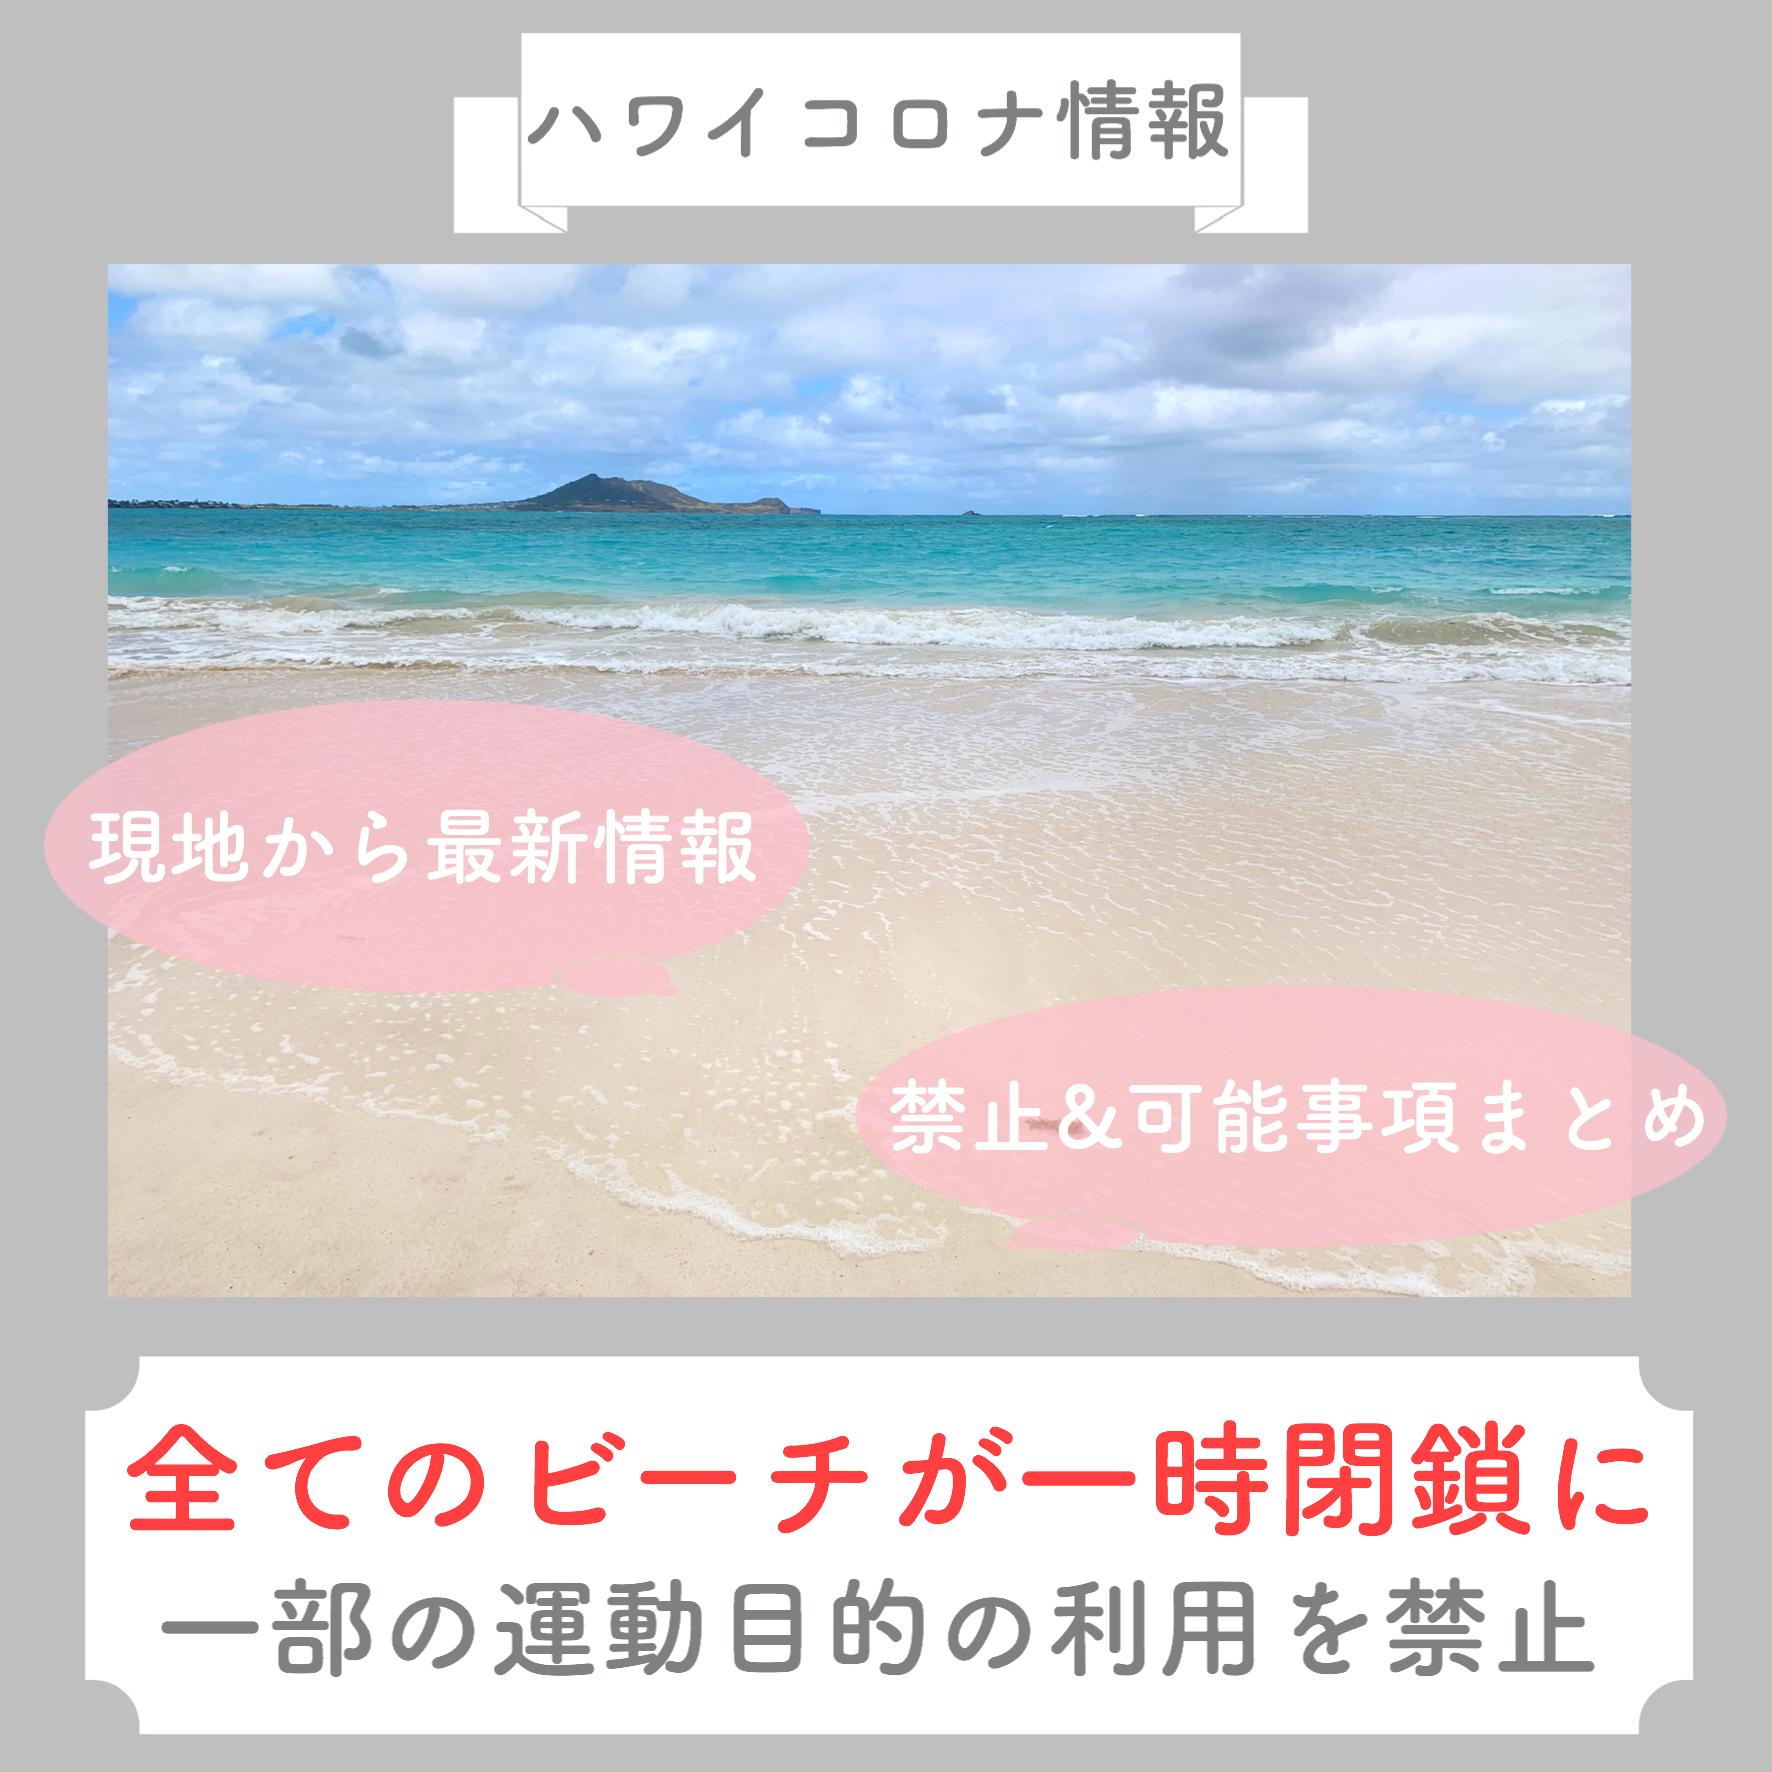 【ハワイコロナ情報】全てのビーチが一時閉鎖に 一部の運動目的の利用を禁止